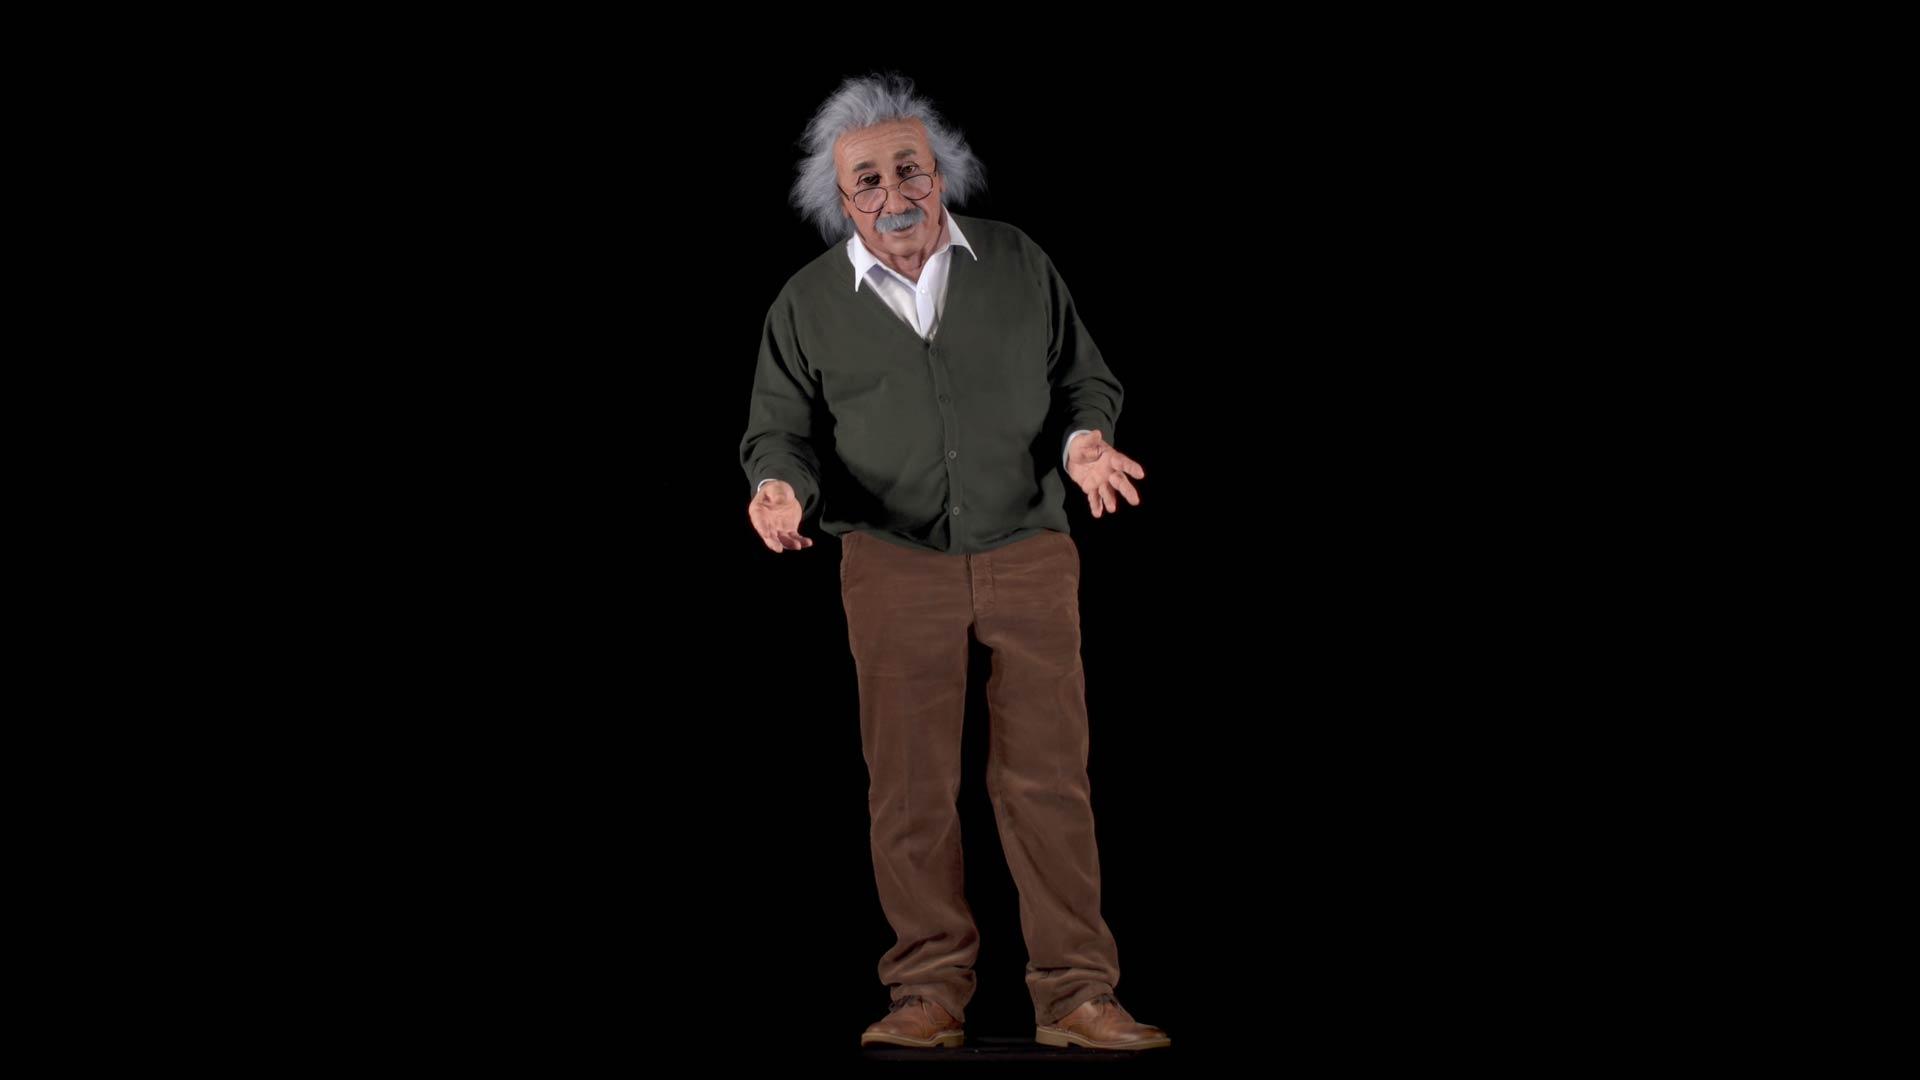 Matching_Albert_Einstein_3D_Head_to_an_Actor Albert Einstein 3D Porträt für ein Hologram